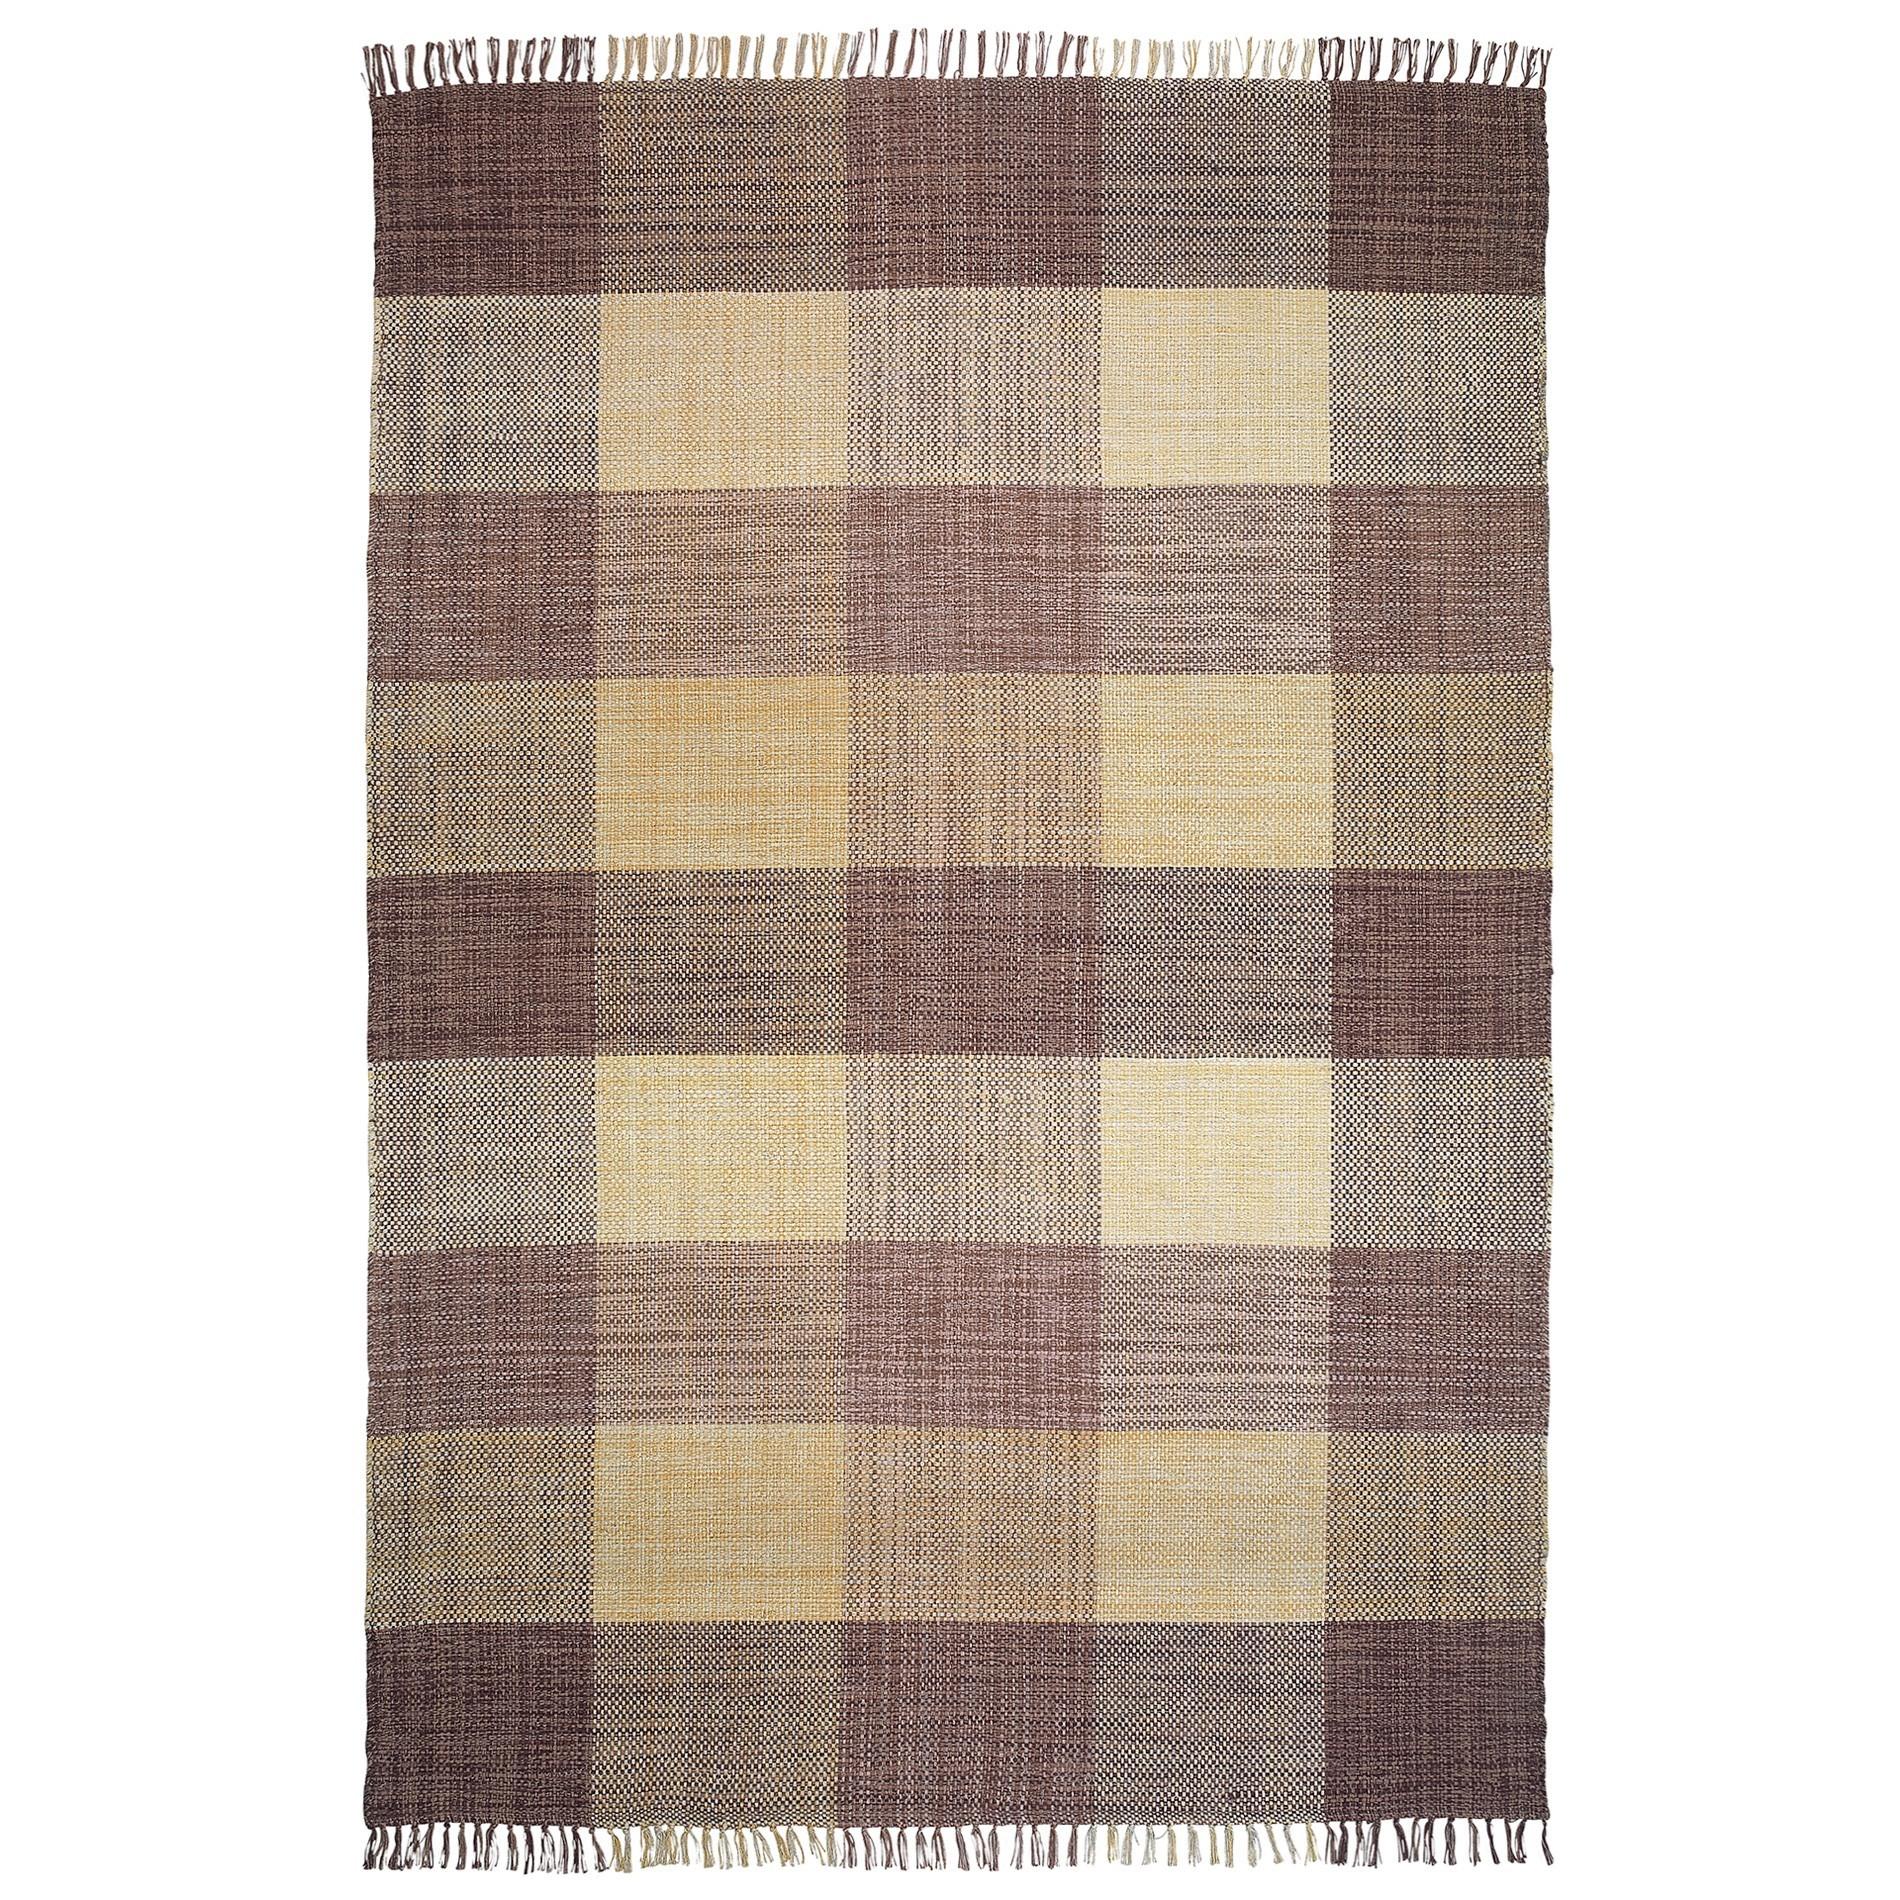 Oxford No.189 Cotton Modern Rug, 290x200cm, Beige